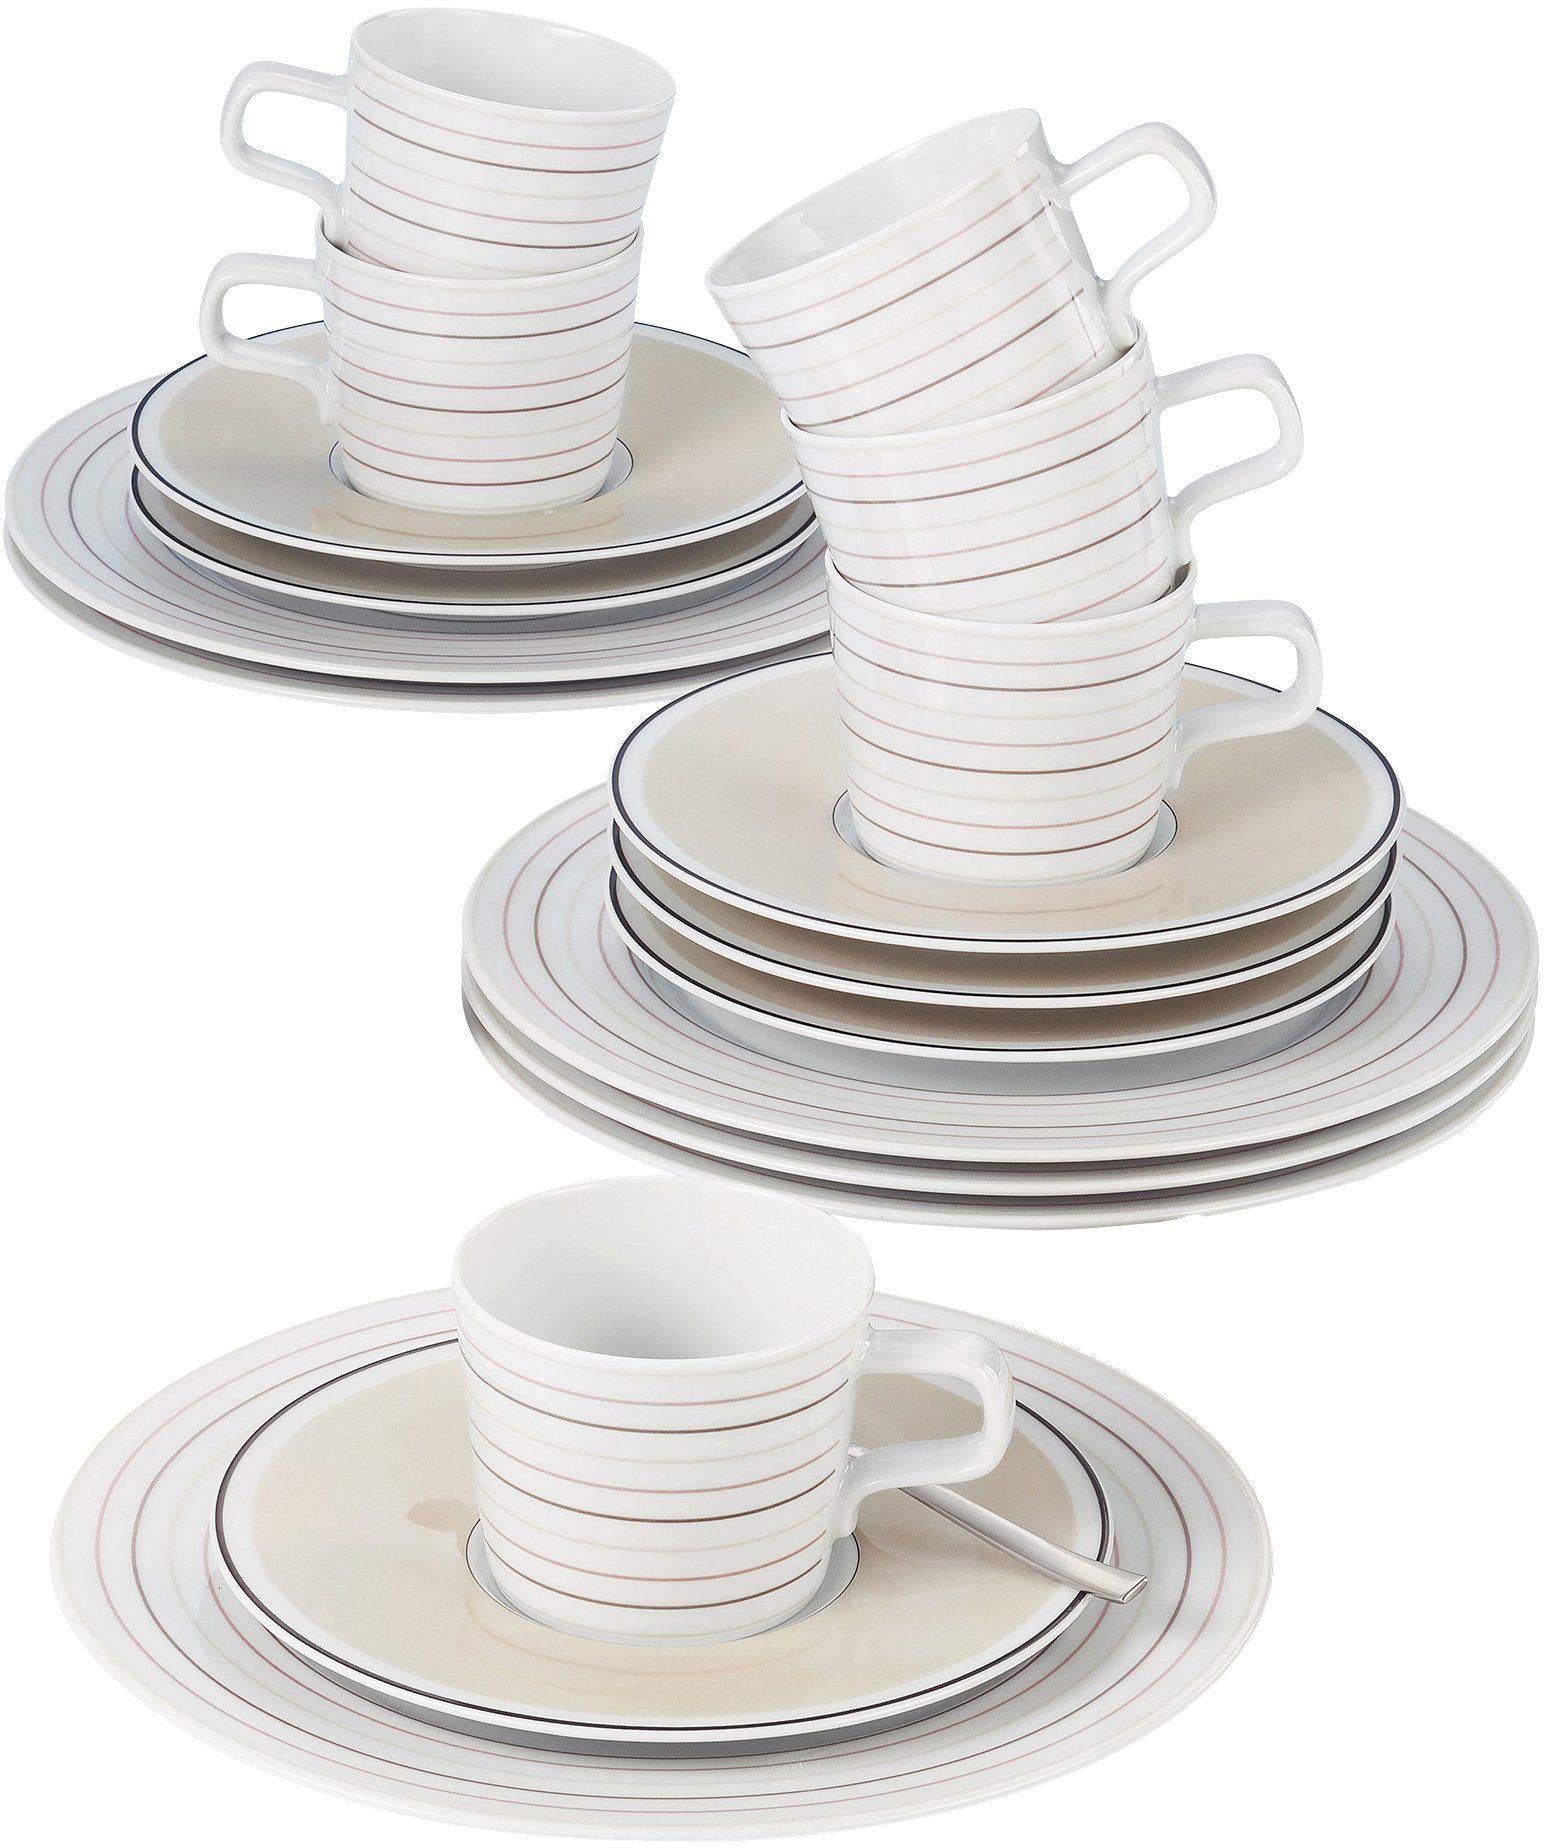 Seltmann Weiden Kaffeeservice, Porzellan, 18-teilig, »NO LIMITS Creame lines«